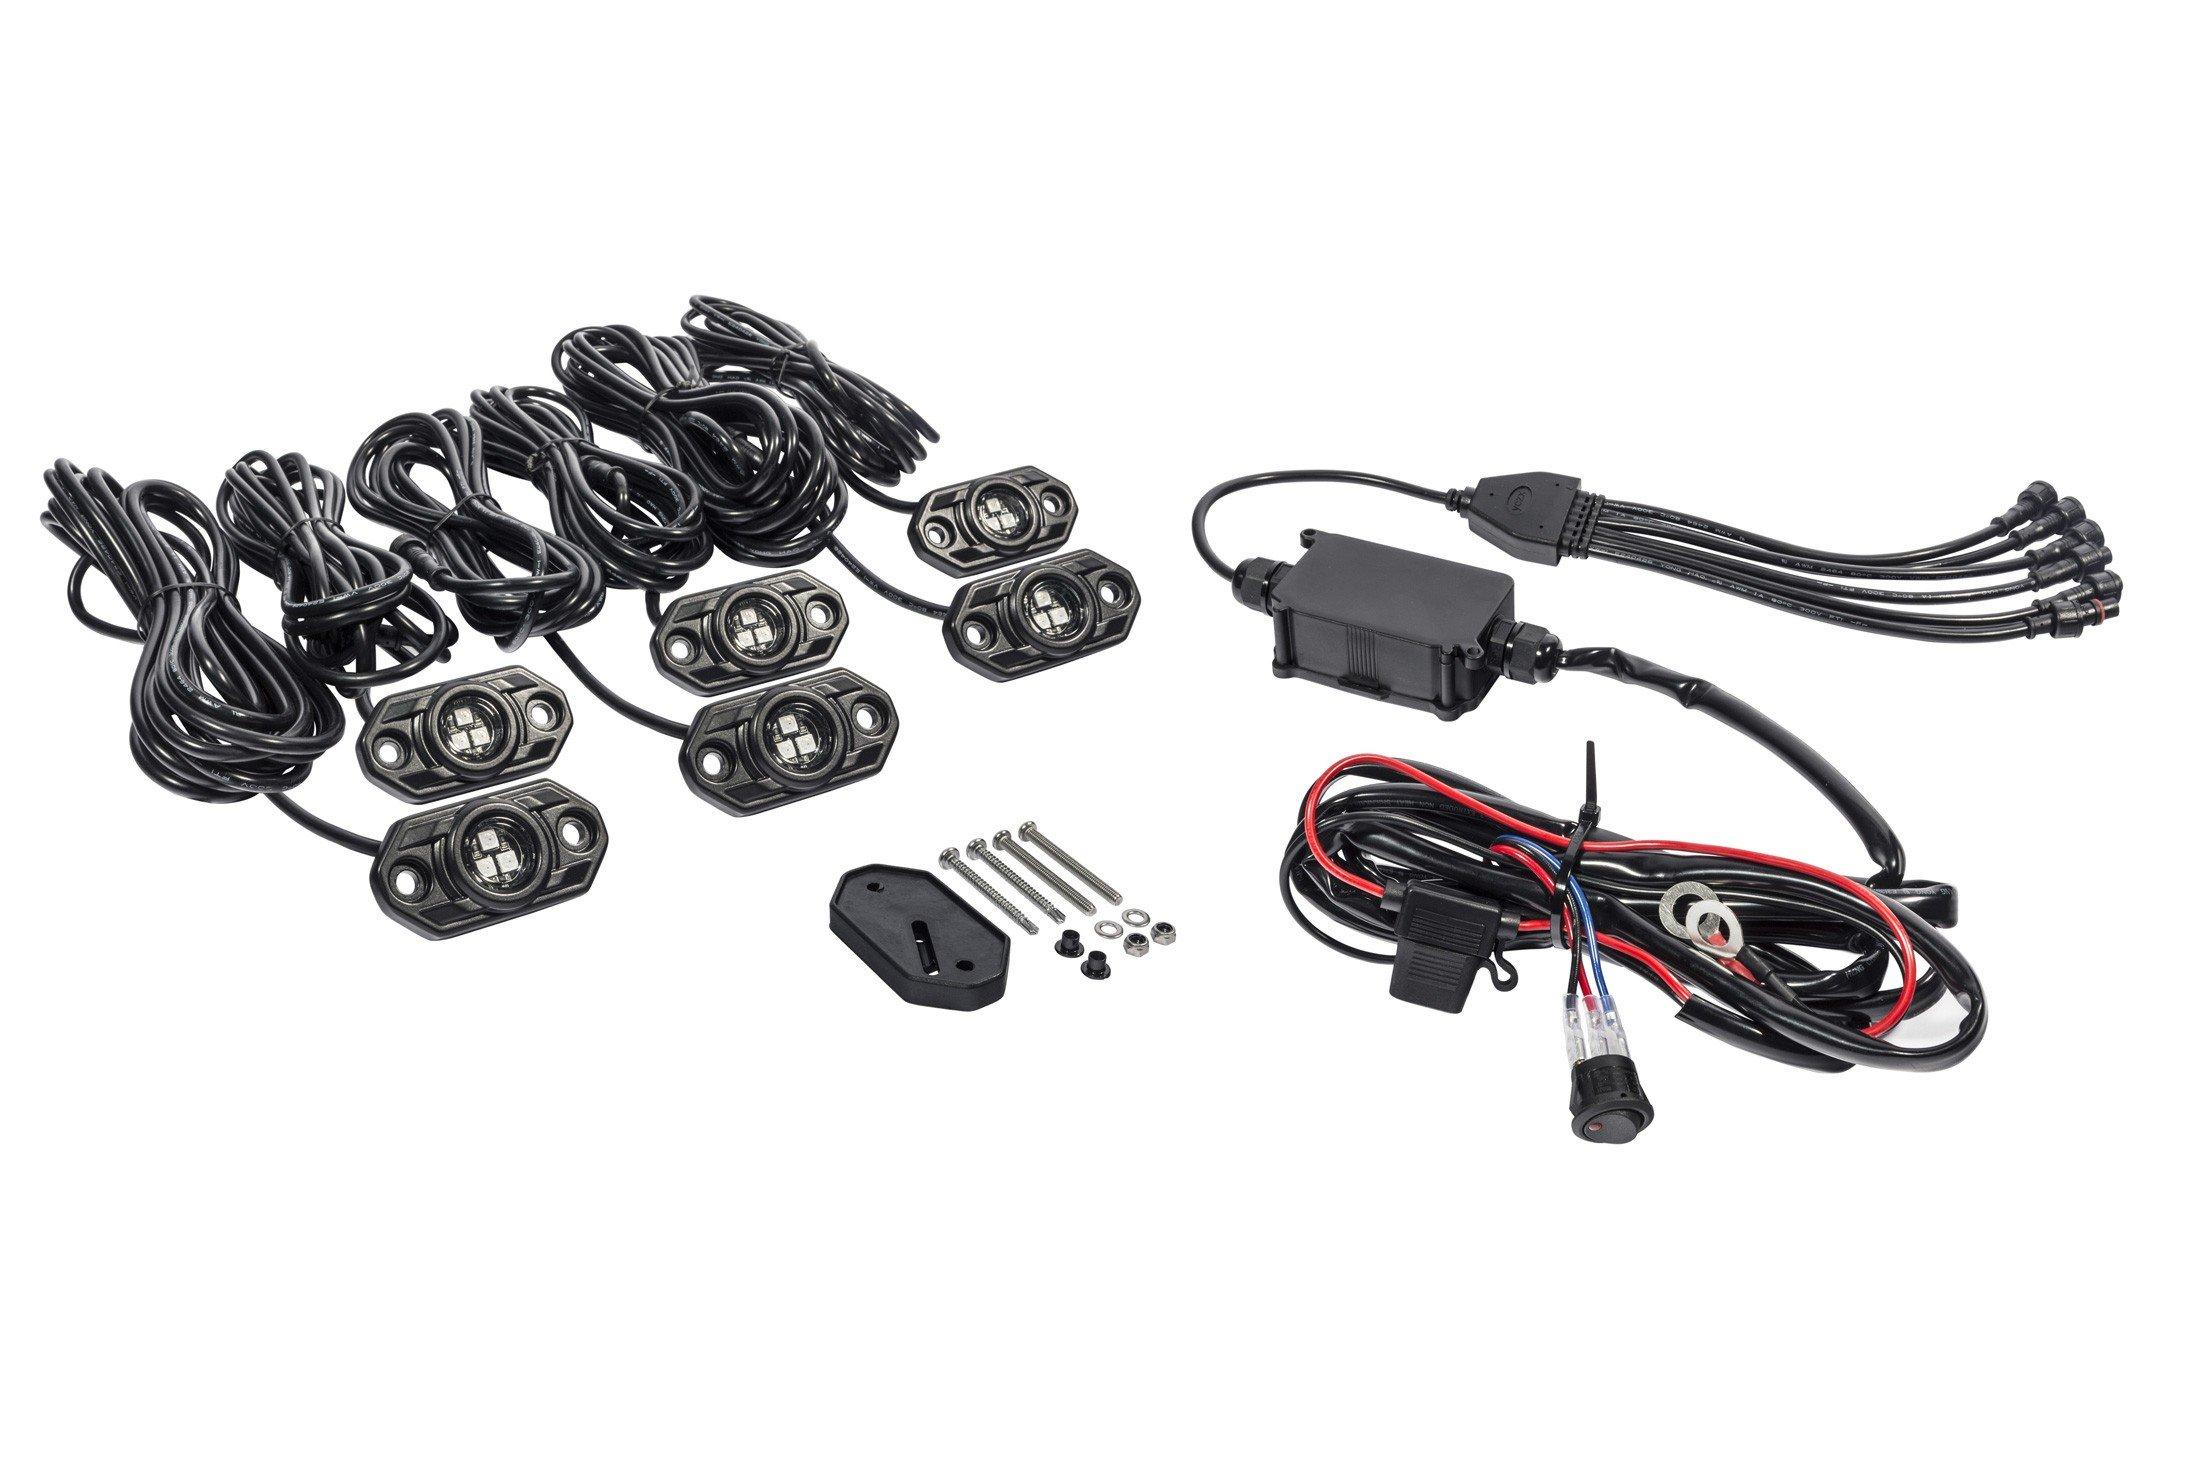 kc hilites c-series rgb led rock light kit - 6 pc